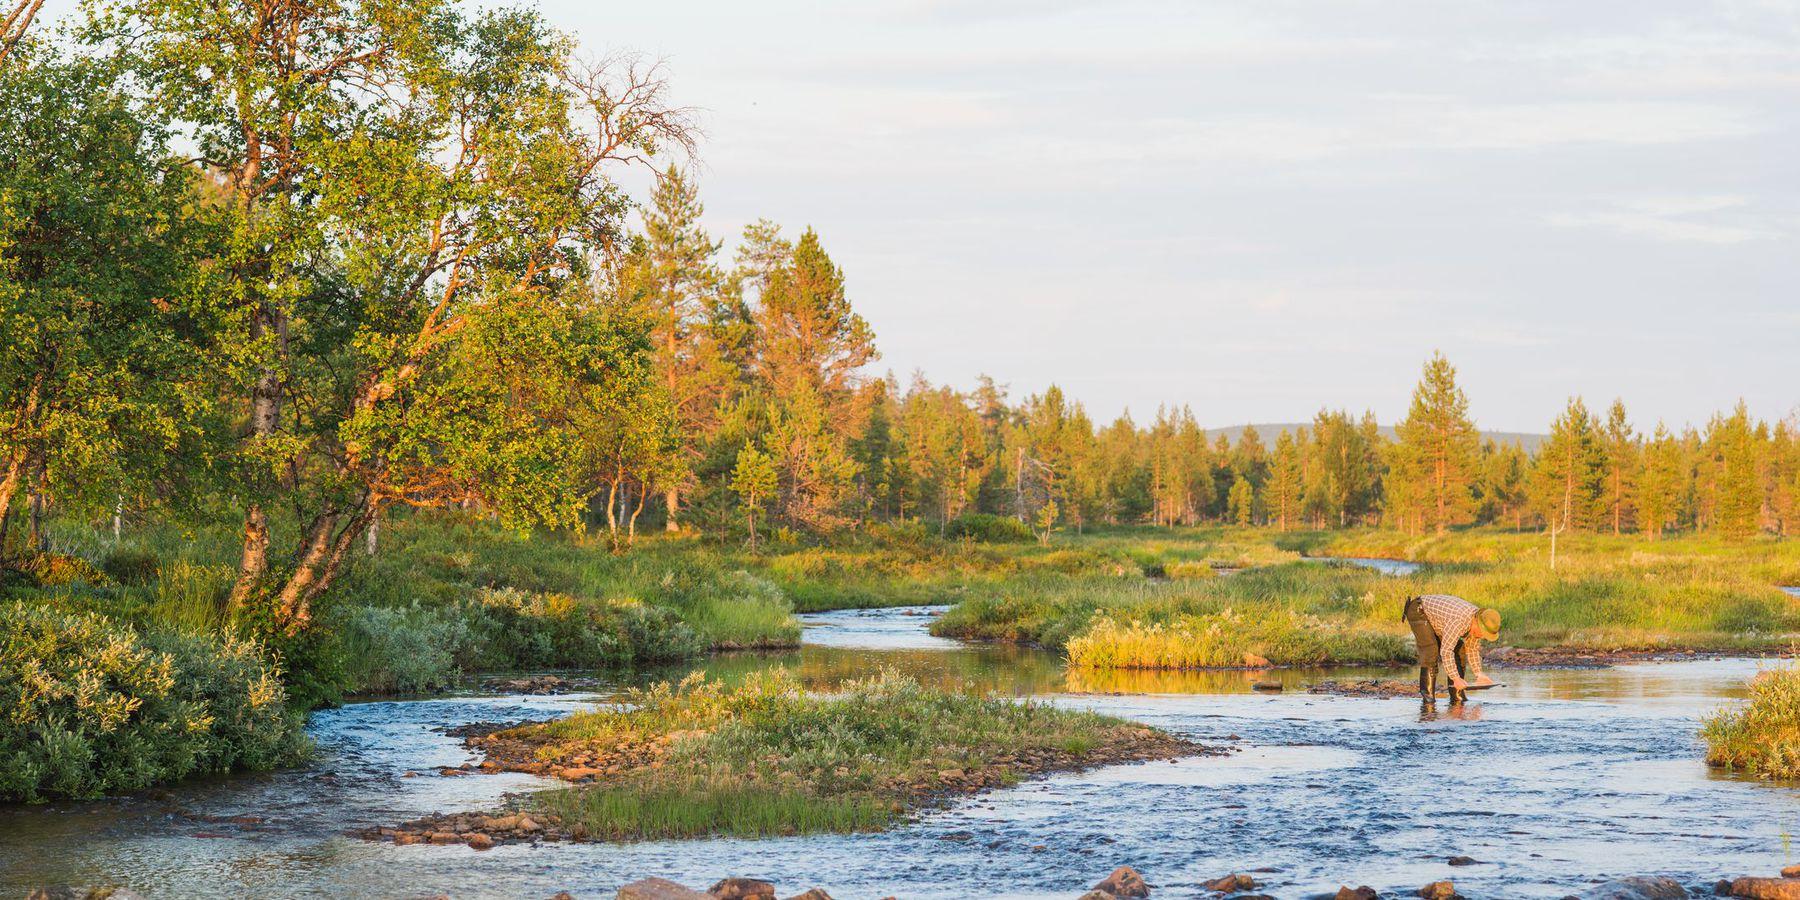 Goud zoeken in Lapland - Doets Reizen - Vakantie Finland - Credits: VisitLapland.com